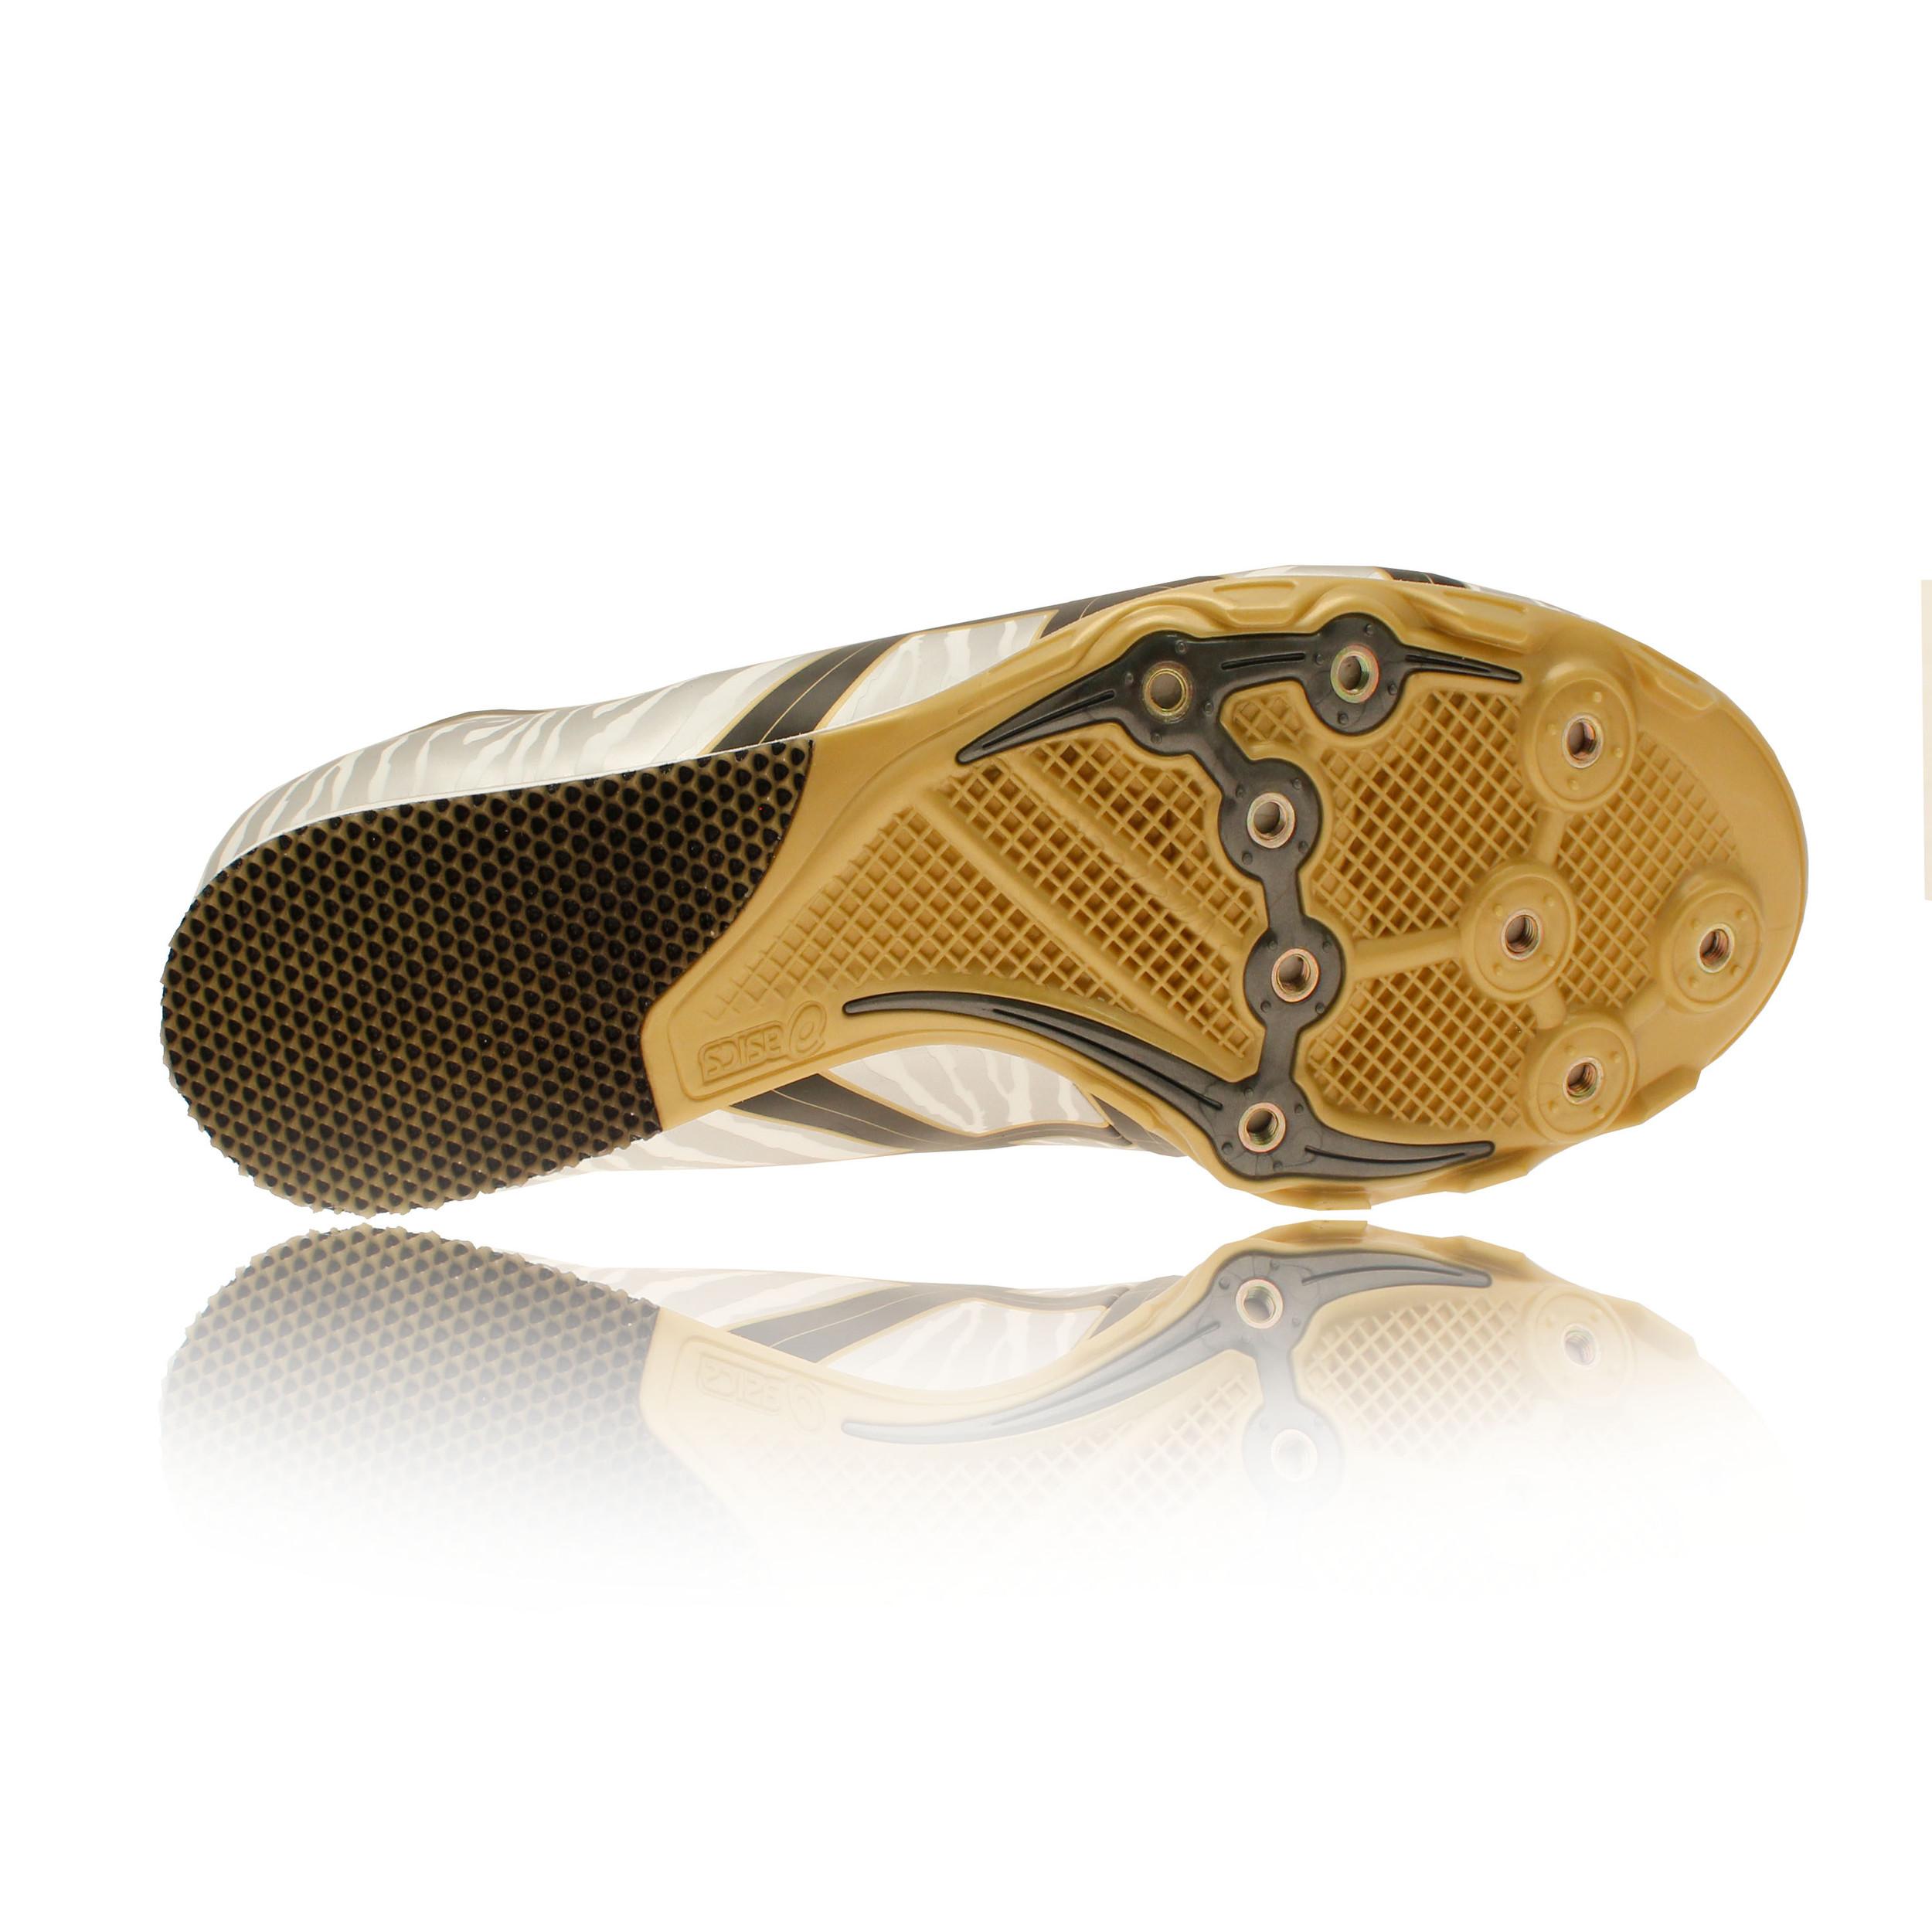 Détails sur Asics Cyber Jump London Unisexe or Jaune Field Chaussures Sprint Pointes Baskets afficher le titre d'origine